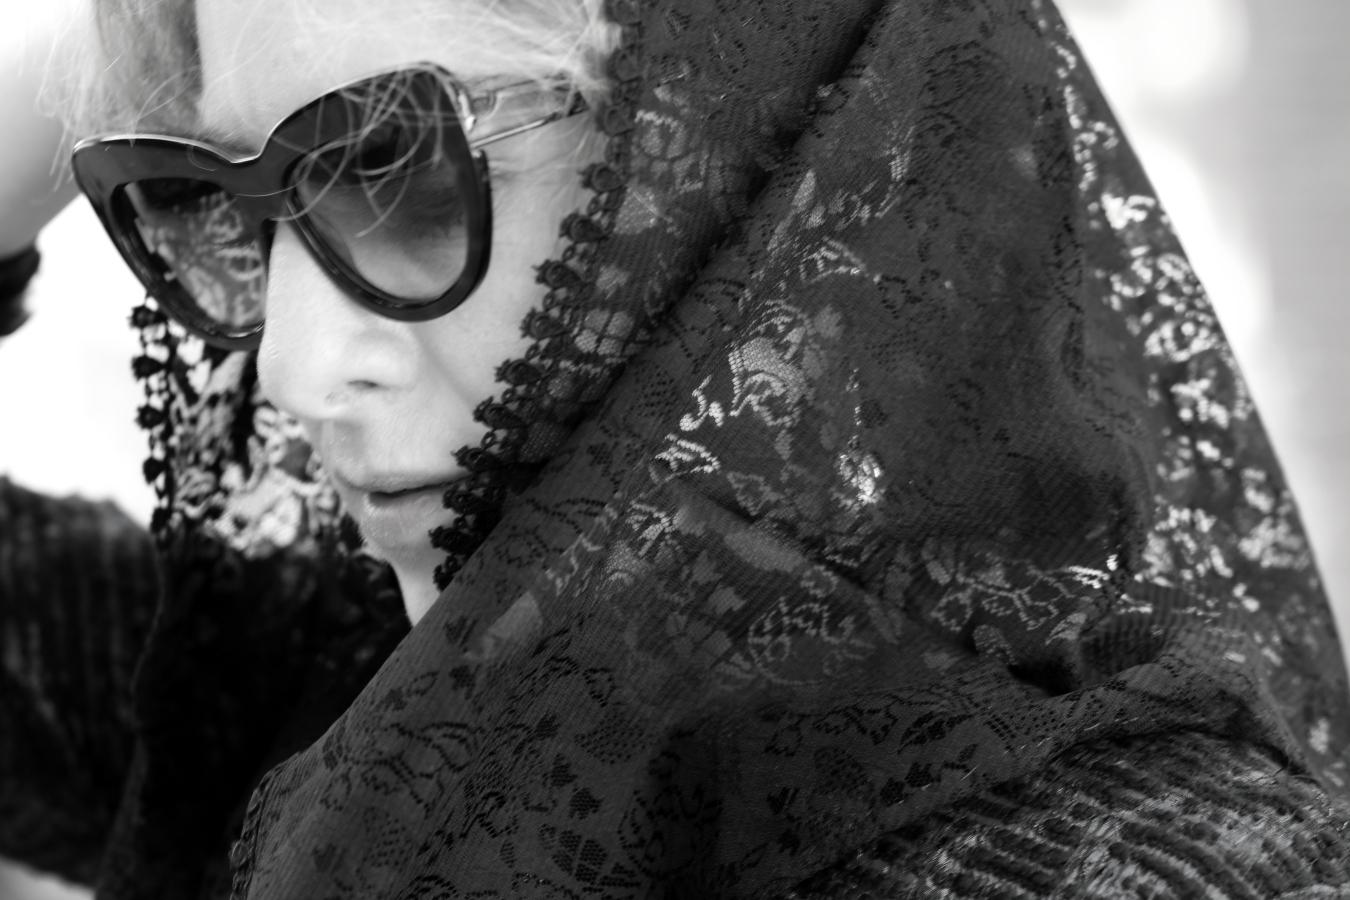 il-giorno-dei-Morti-blogger-diaries-by-The-Italian-Glam